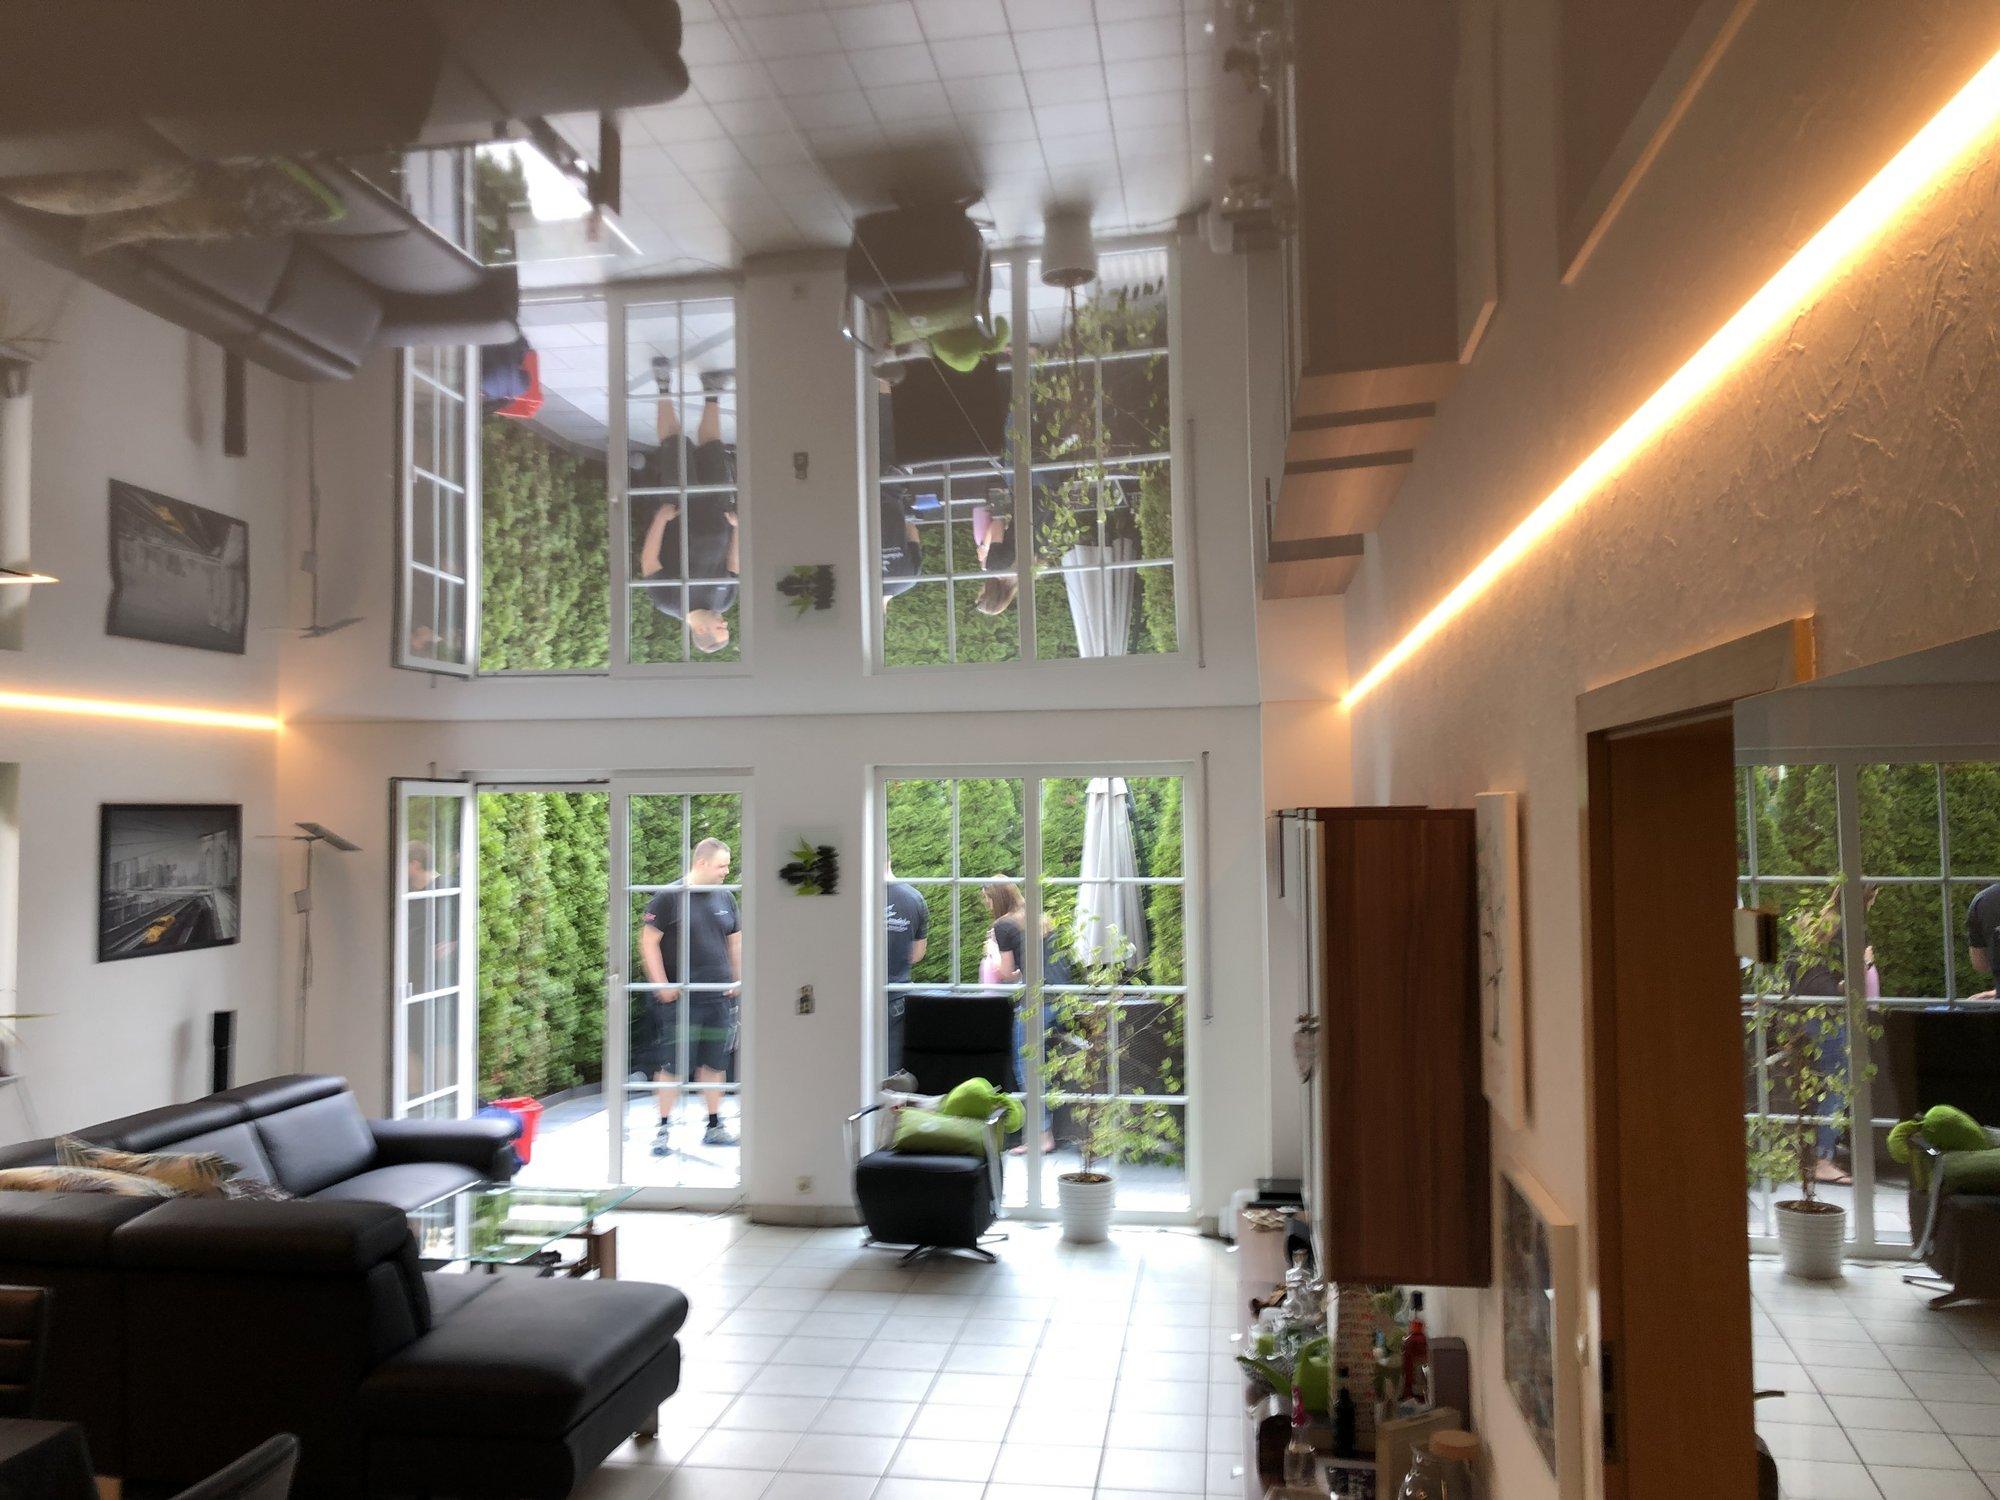 Full Size of Wohnzimmer Led Einrichten Ledersofa Lampe Amazon Modern Beleuchtung Farbwechsel Spanndecke Cbspanndecken Tapeten Ideen Sofa Grau Leder Deckenleuchte Poster Wohnzimmer Wohnzimmer Led